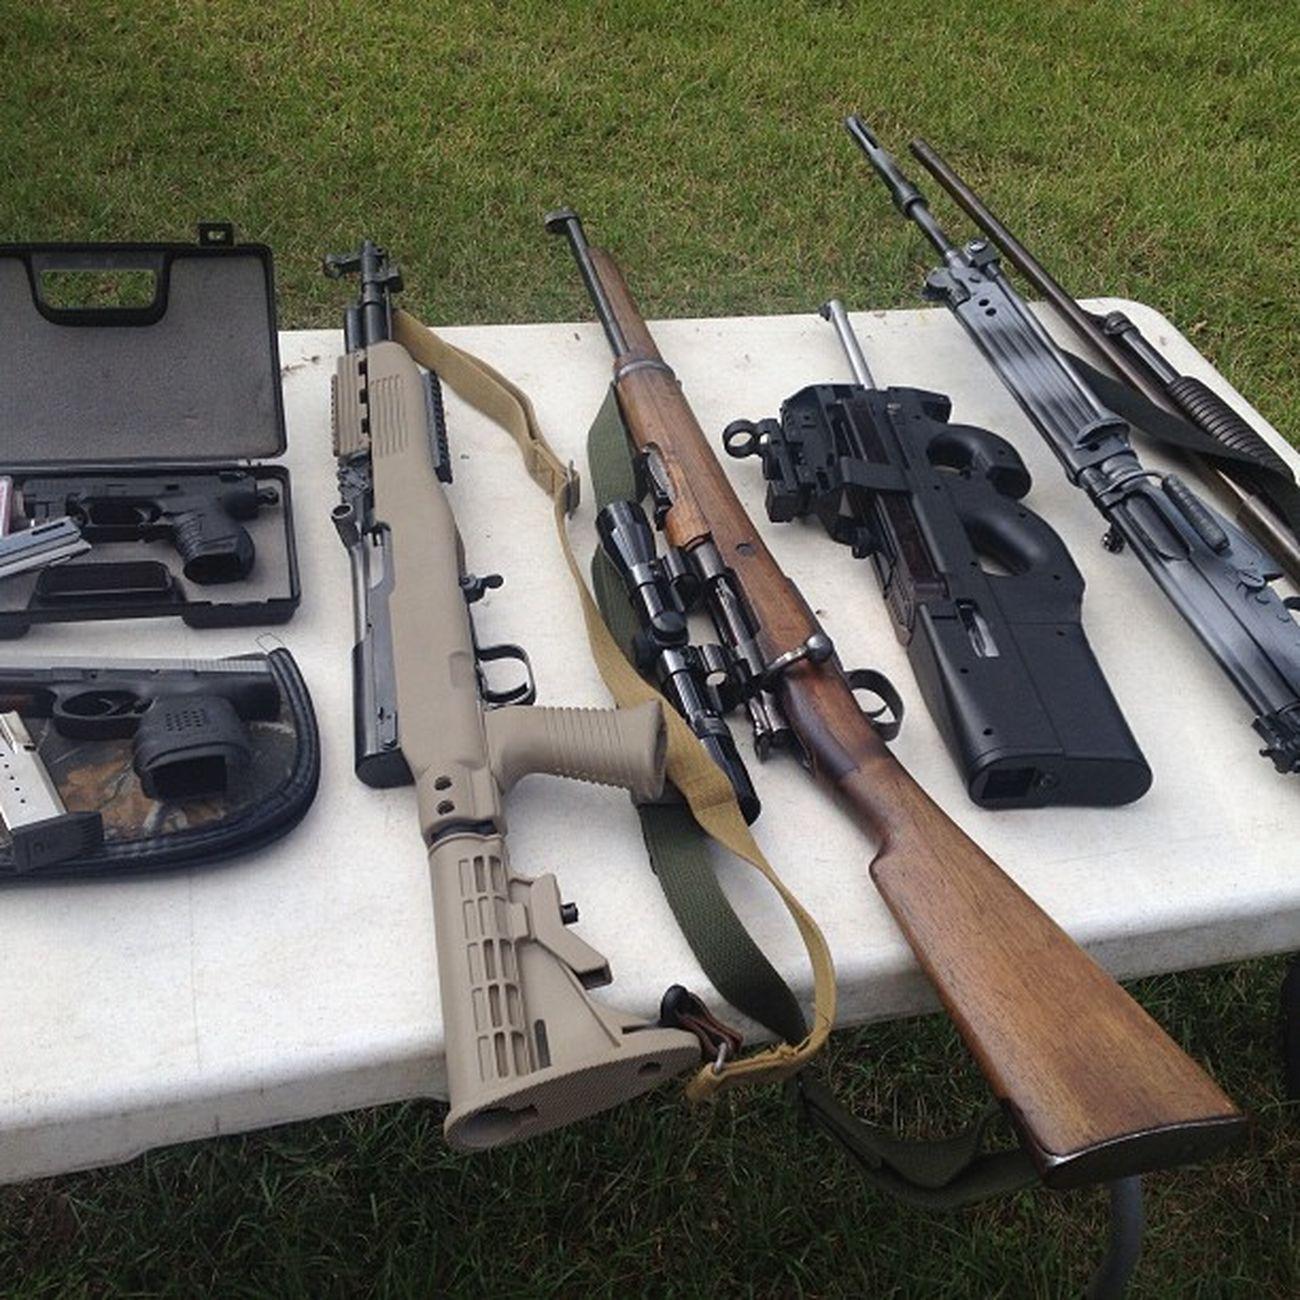 Rangeday Guns Range Ammo shooting